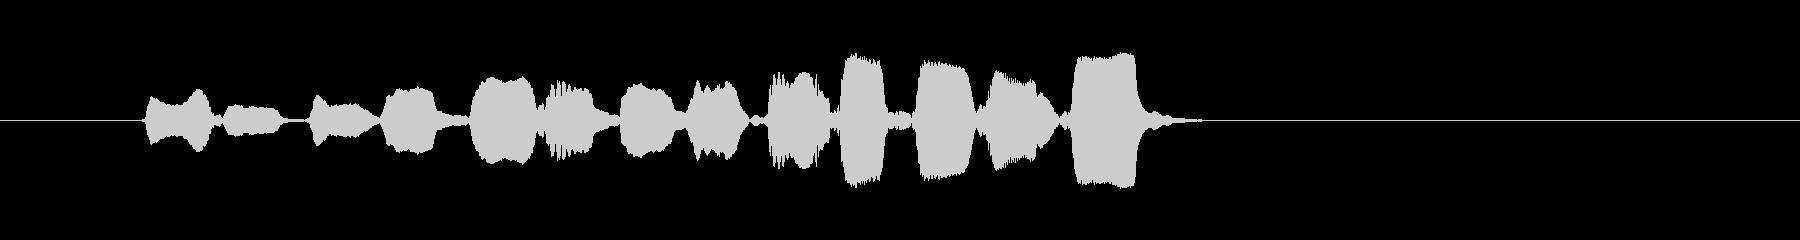 生演奏リコーダーの単音ジングルの未再生の波形